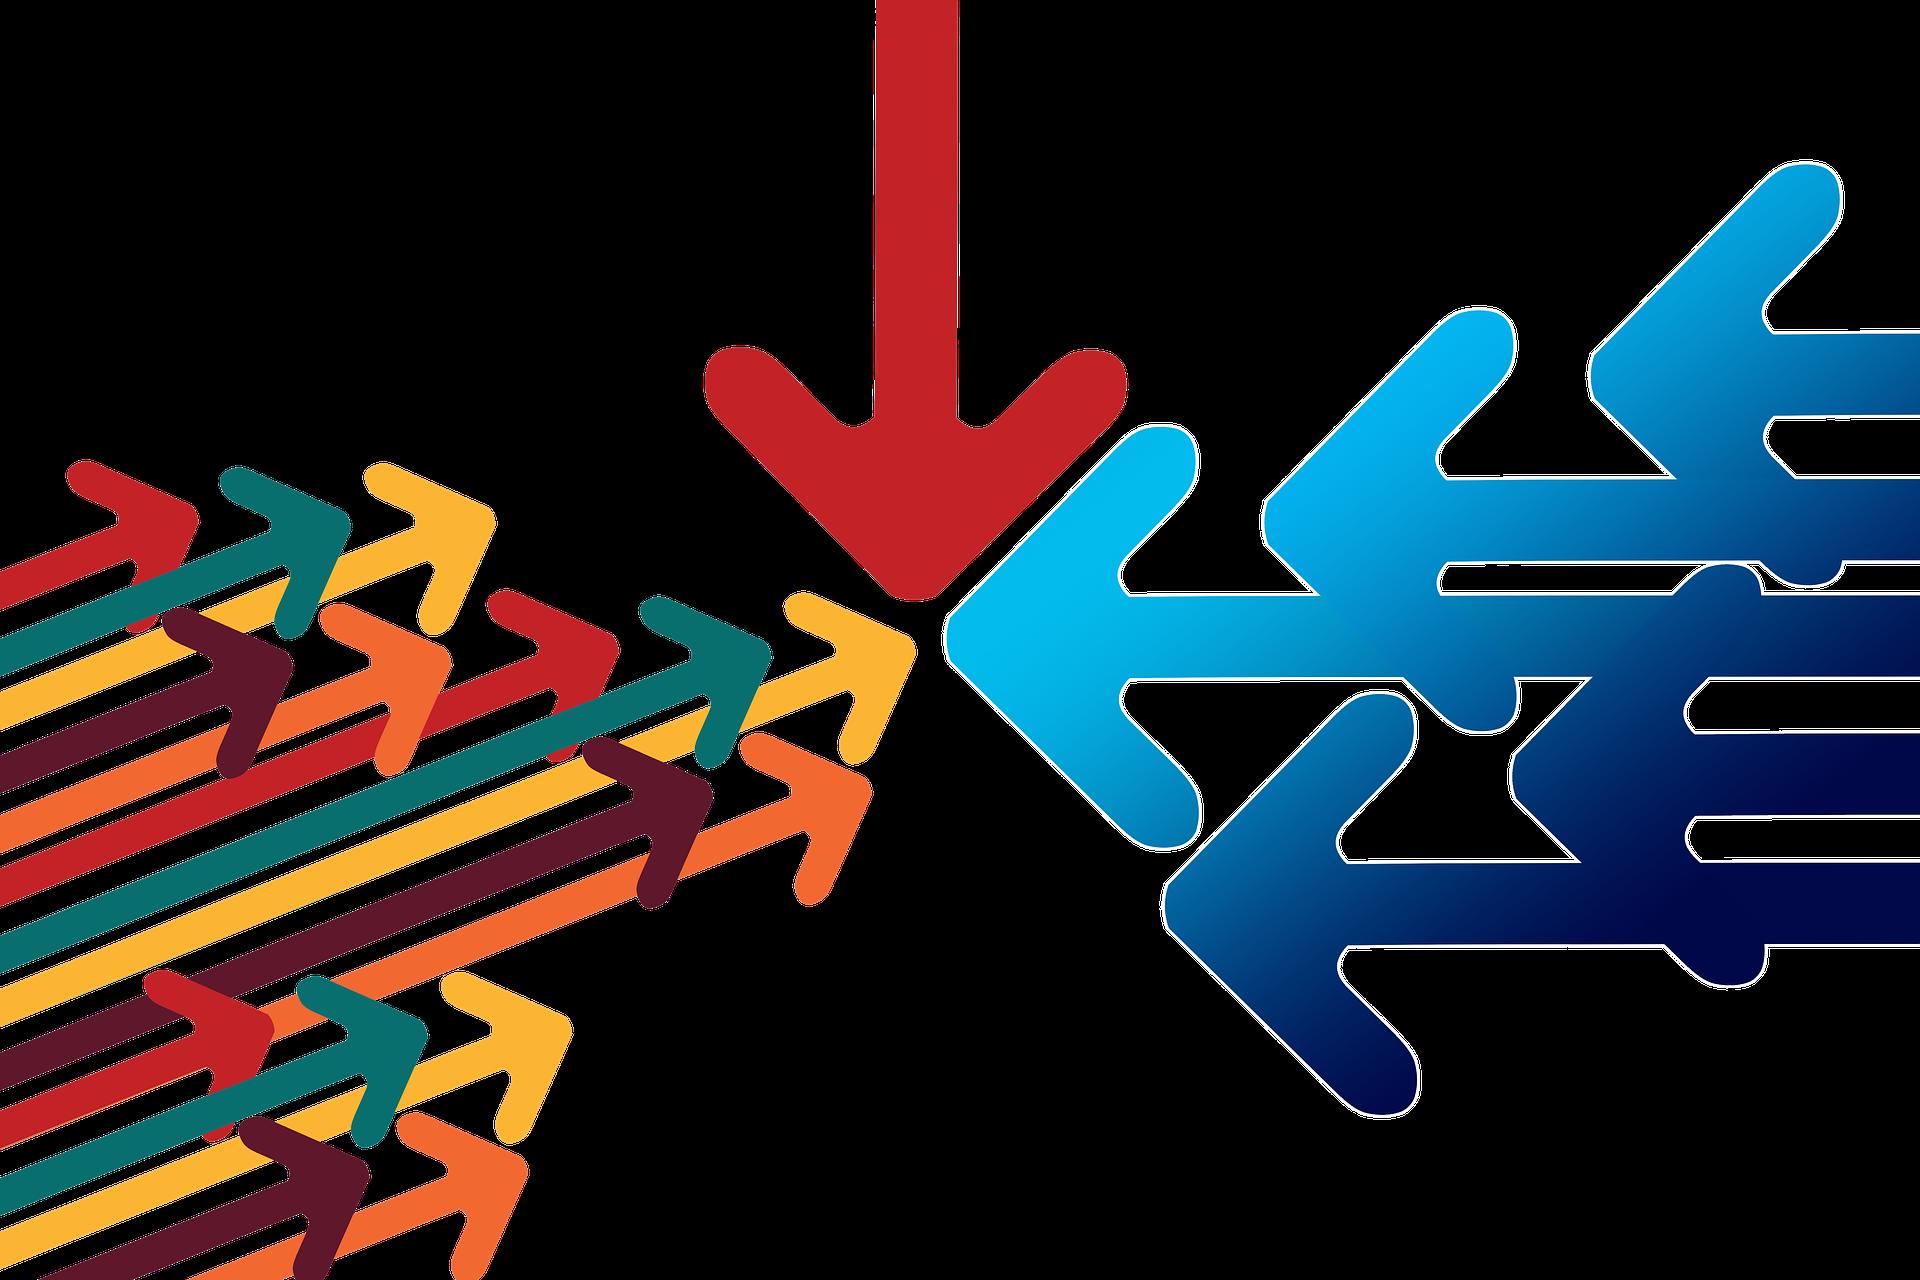 三角形の中線の交点が「重心」と呼ばれるのはどうして?